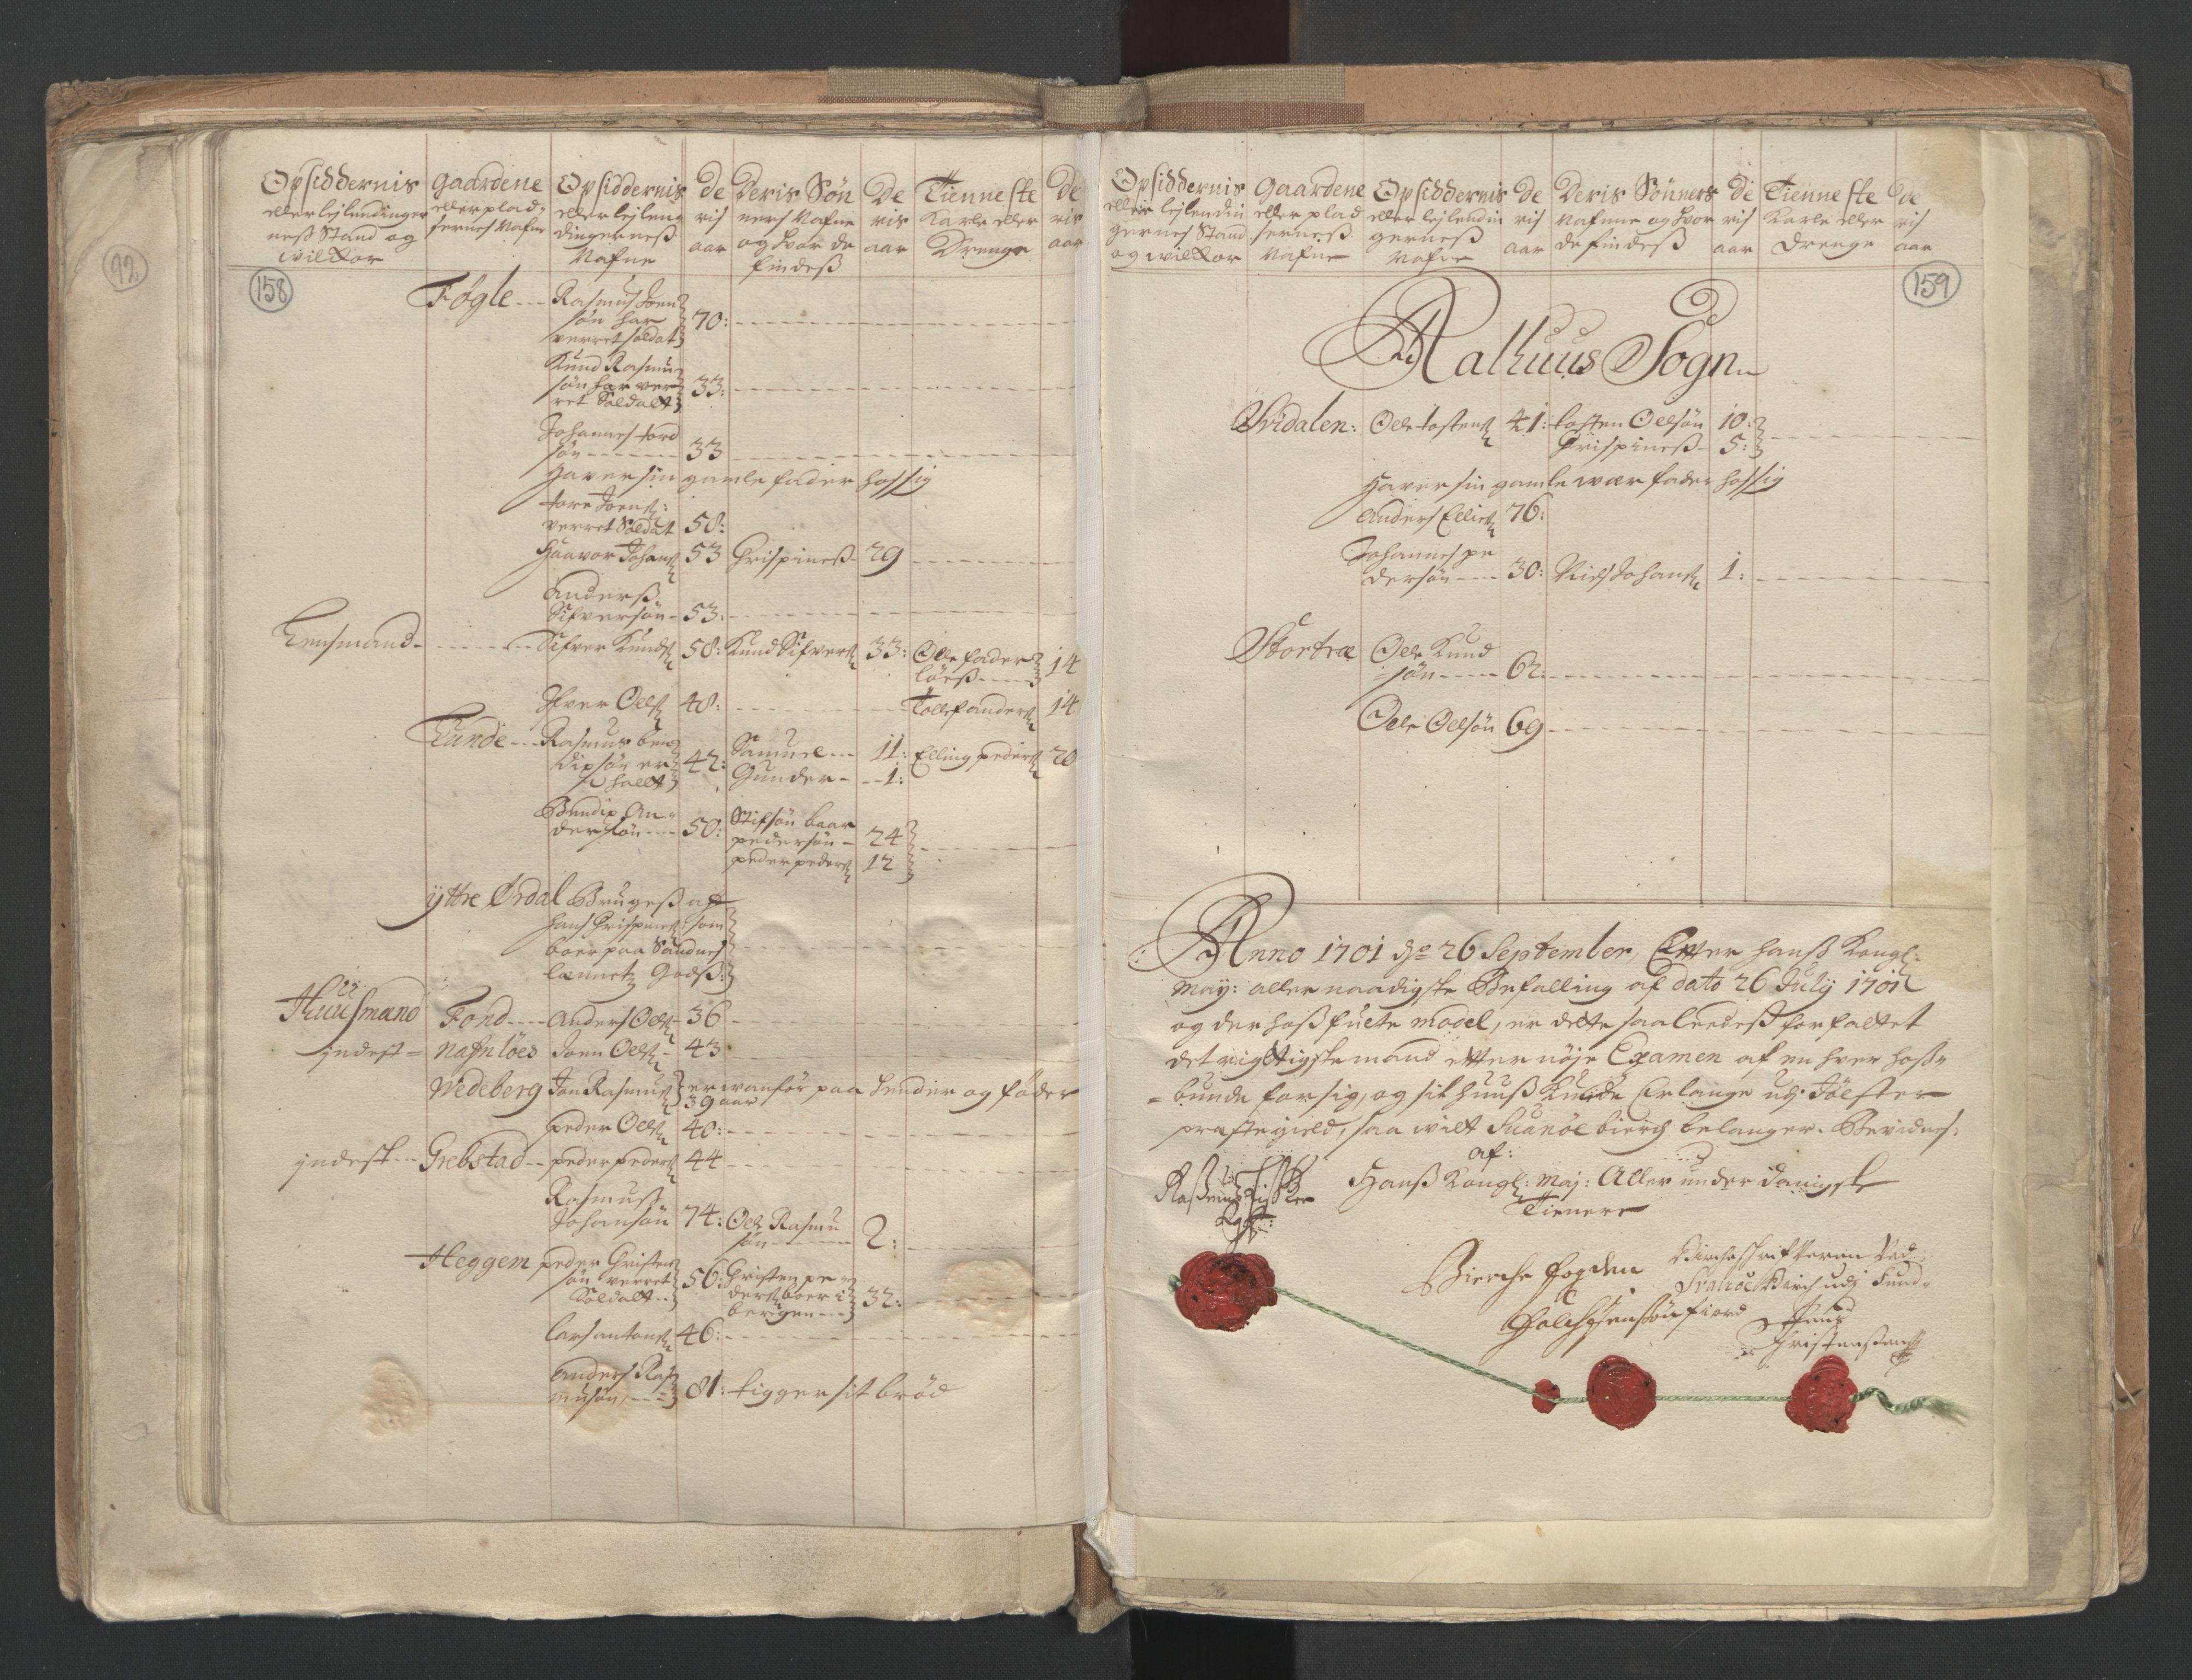 RA, Manntallet 1701, nr. 9: Sunnfjord fogderi, Nordfjord fogderi og Svanø birk, 1701, s. 158-159